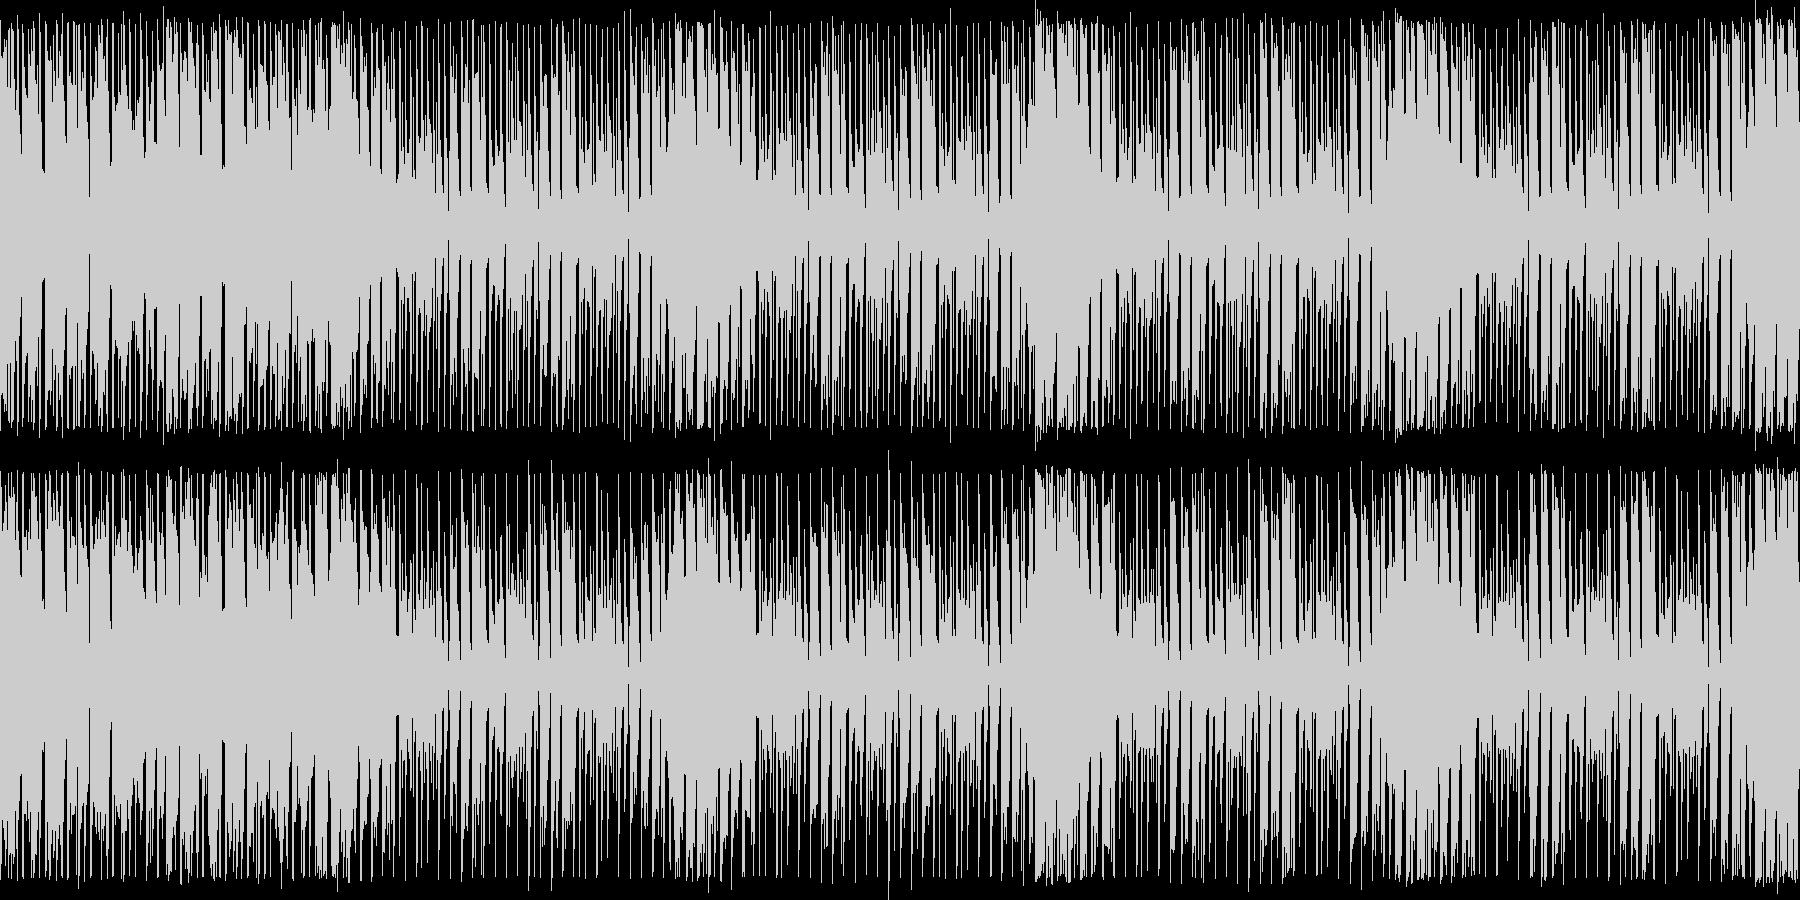 ダンスエクササイズBPM140:ループ版の未再生の波形